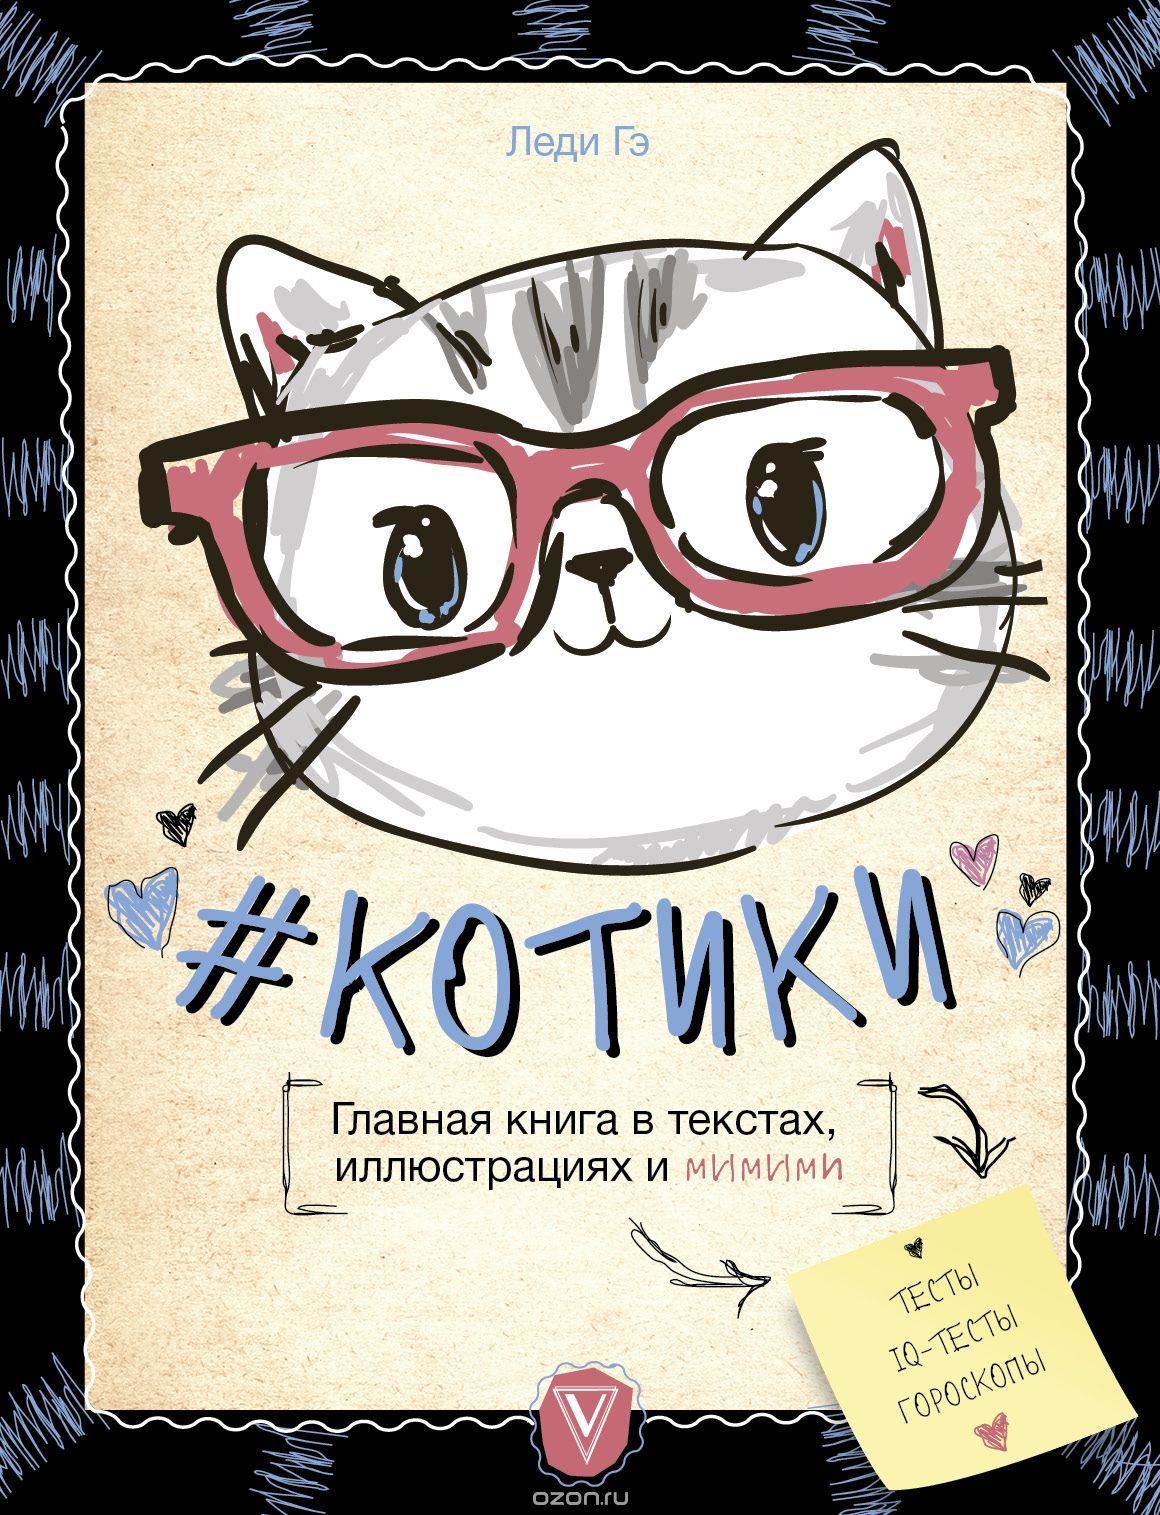 Книга на русском языке «#КОТИКИ. Главная книга в текстах, иллюстрациях и мимими»